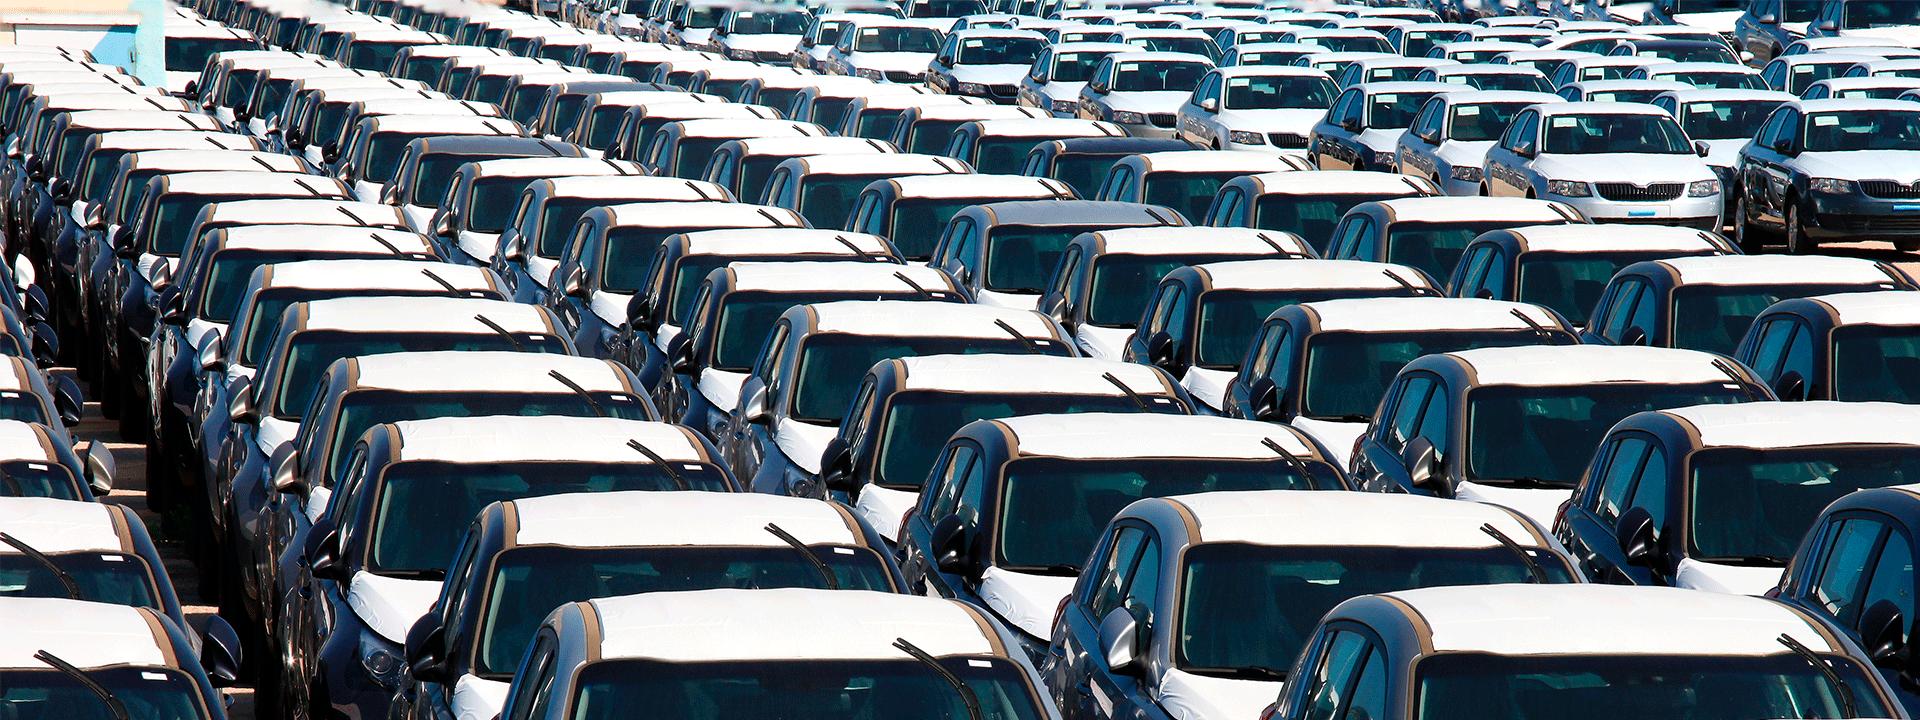 El sector automotor se recupera pero sigue en terreno negativo